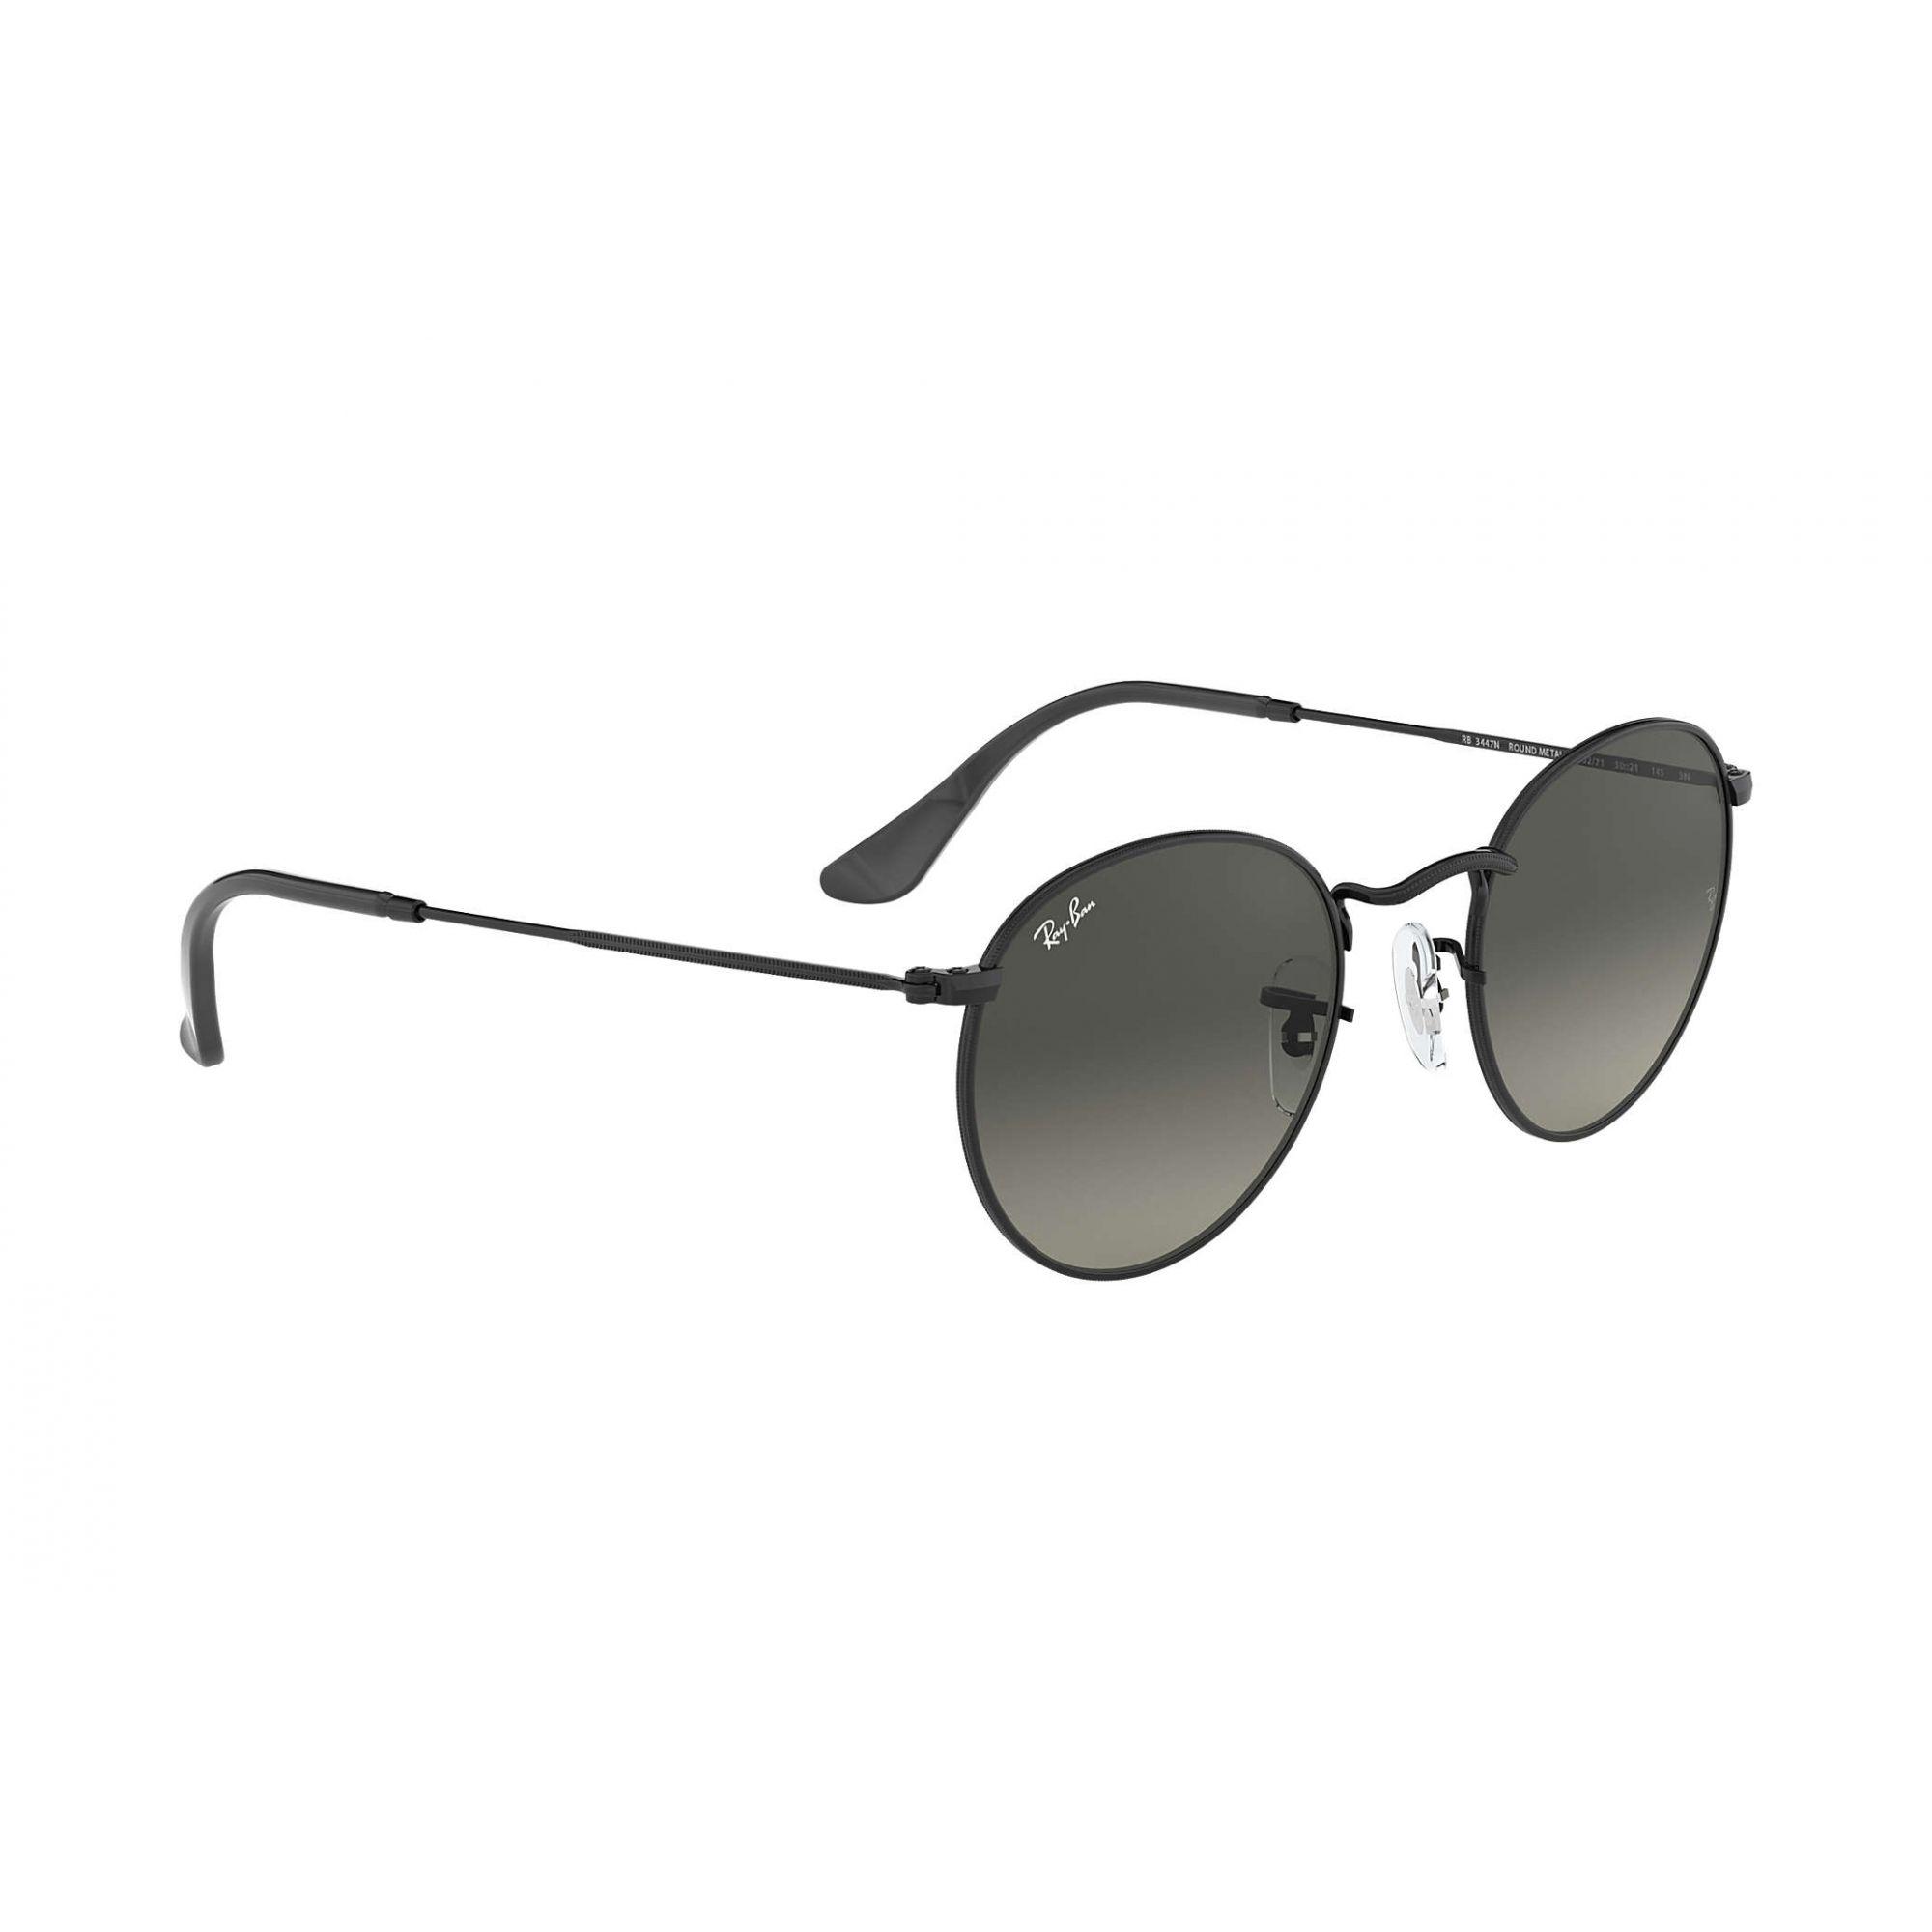 Ray Ban - RB3447NL 00271 - Óculos de sol